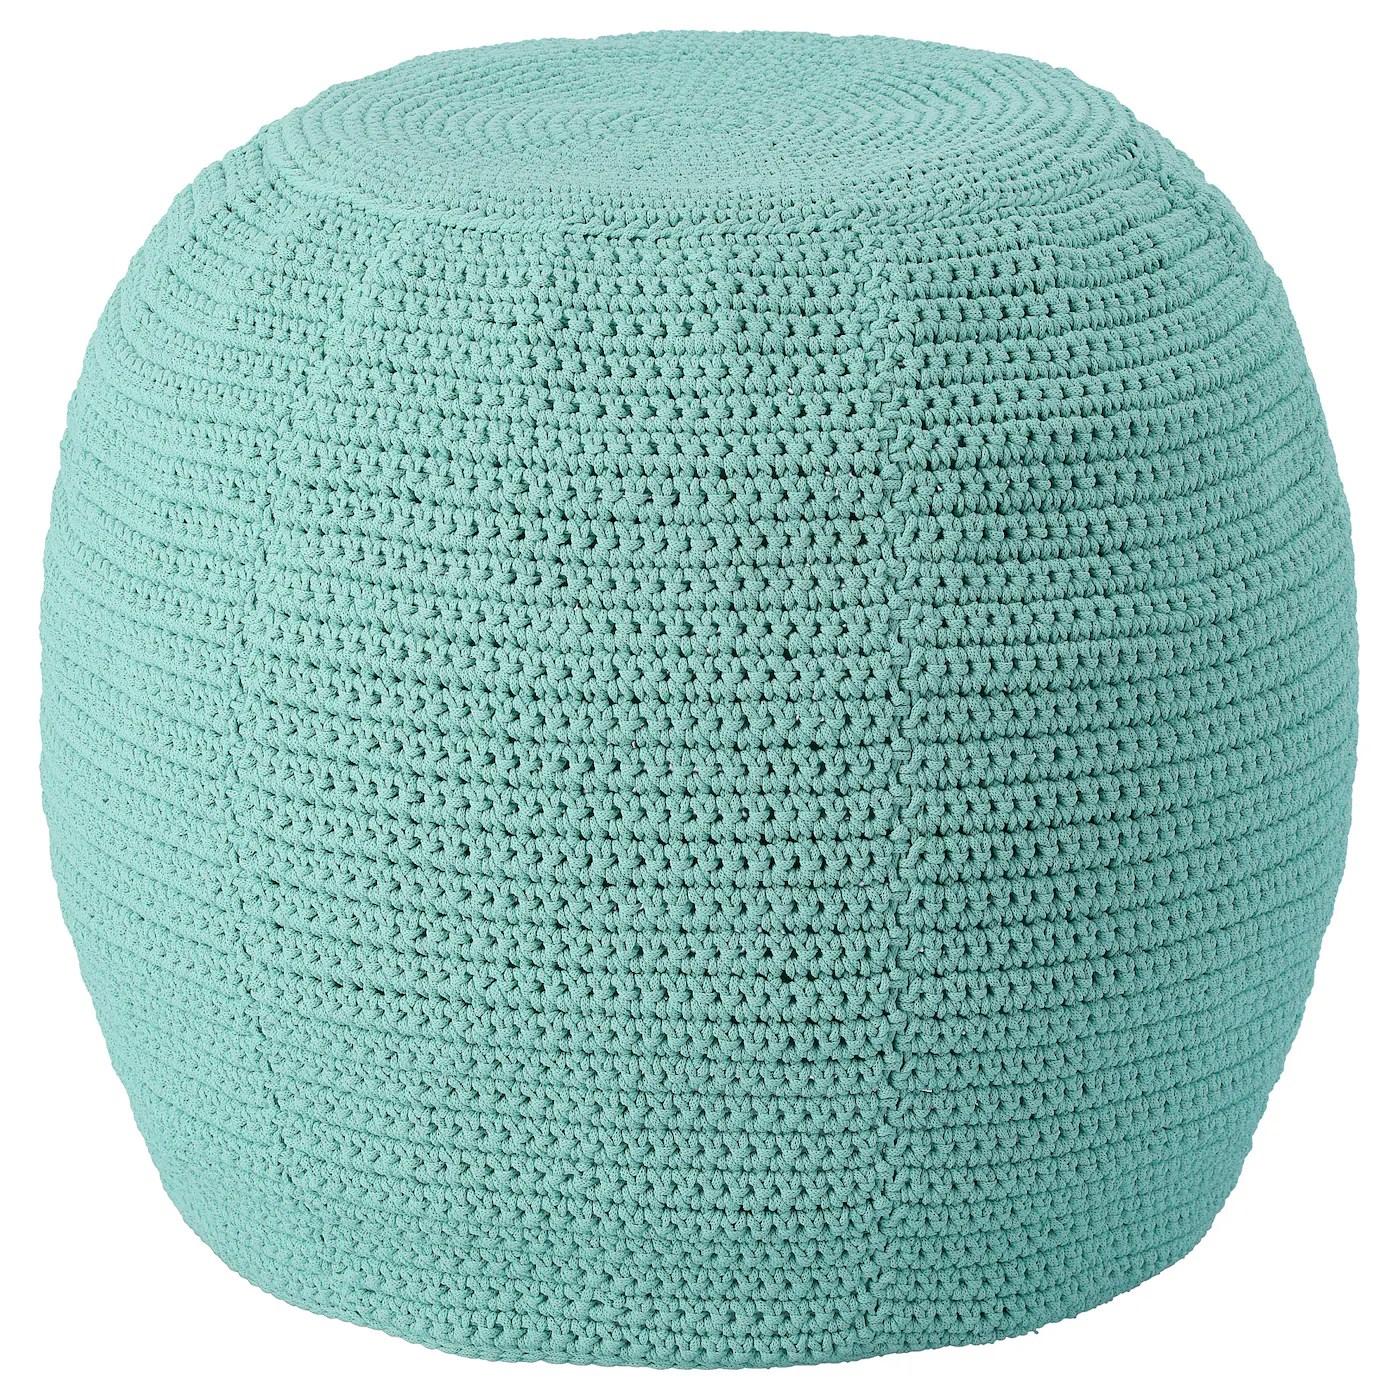 otteron housse pour pouf int exterieur turquoise clair 18 7 8 48 cm